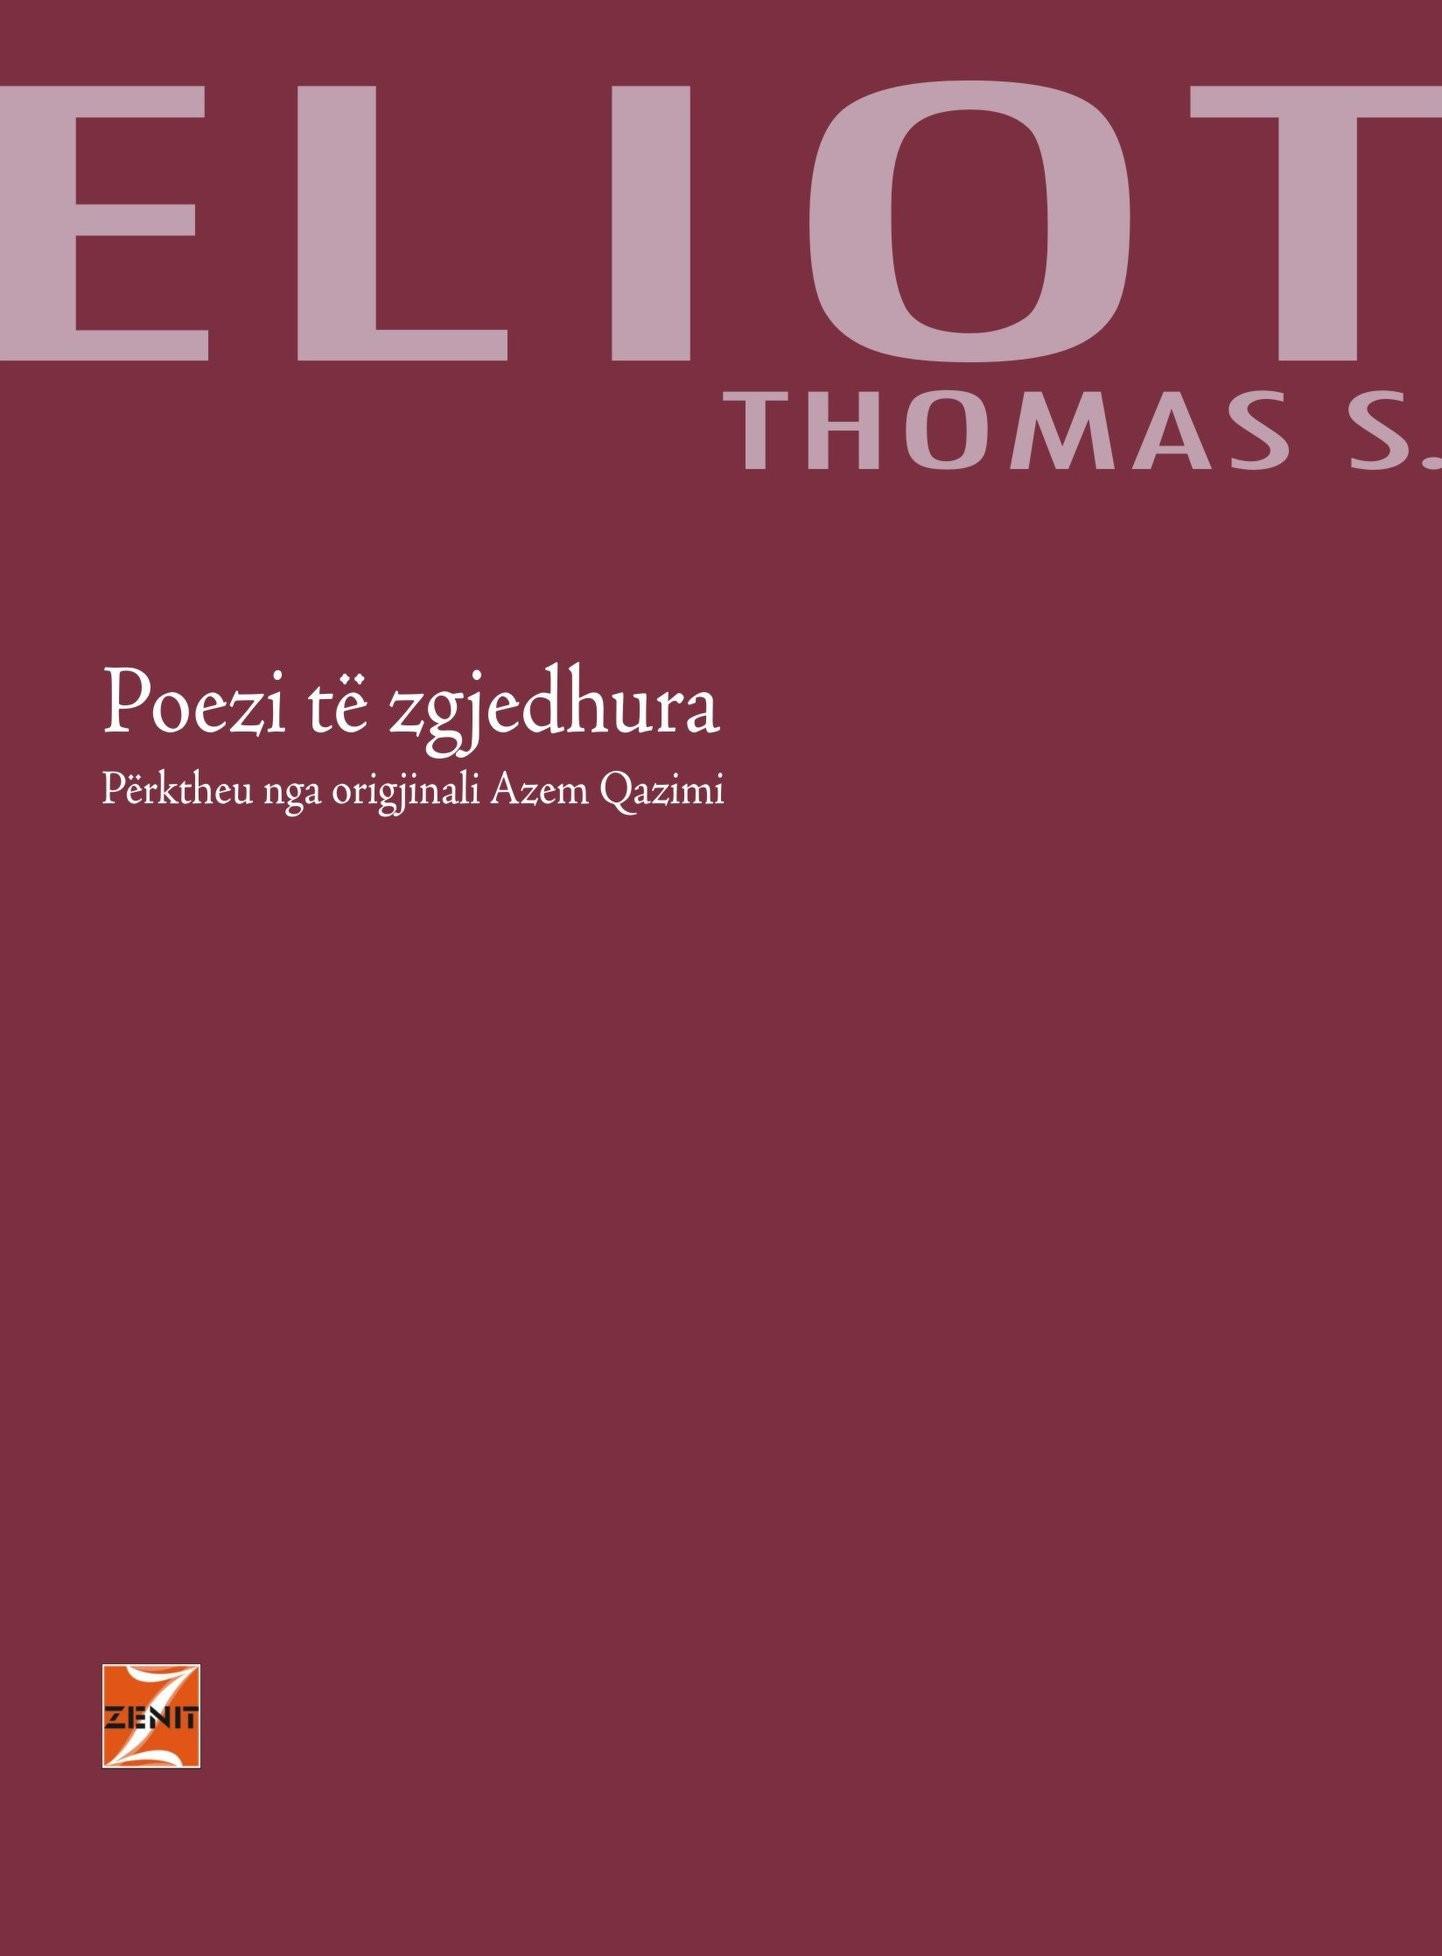 T.S. Eliot - Poezi të zgjedhura